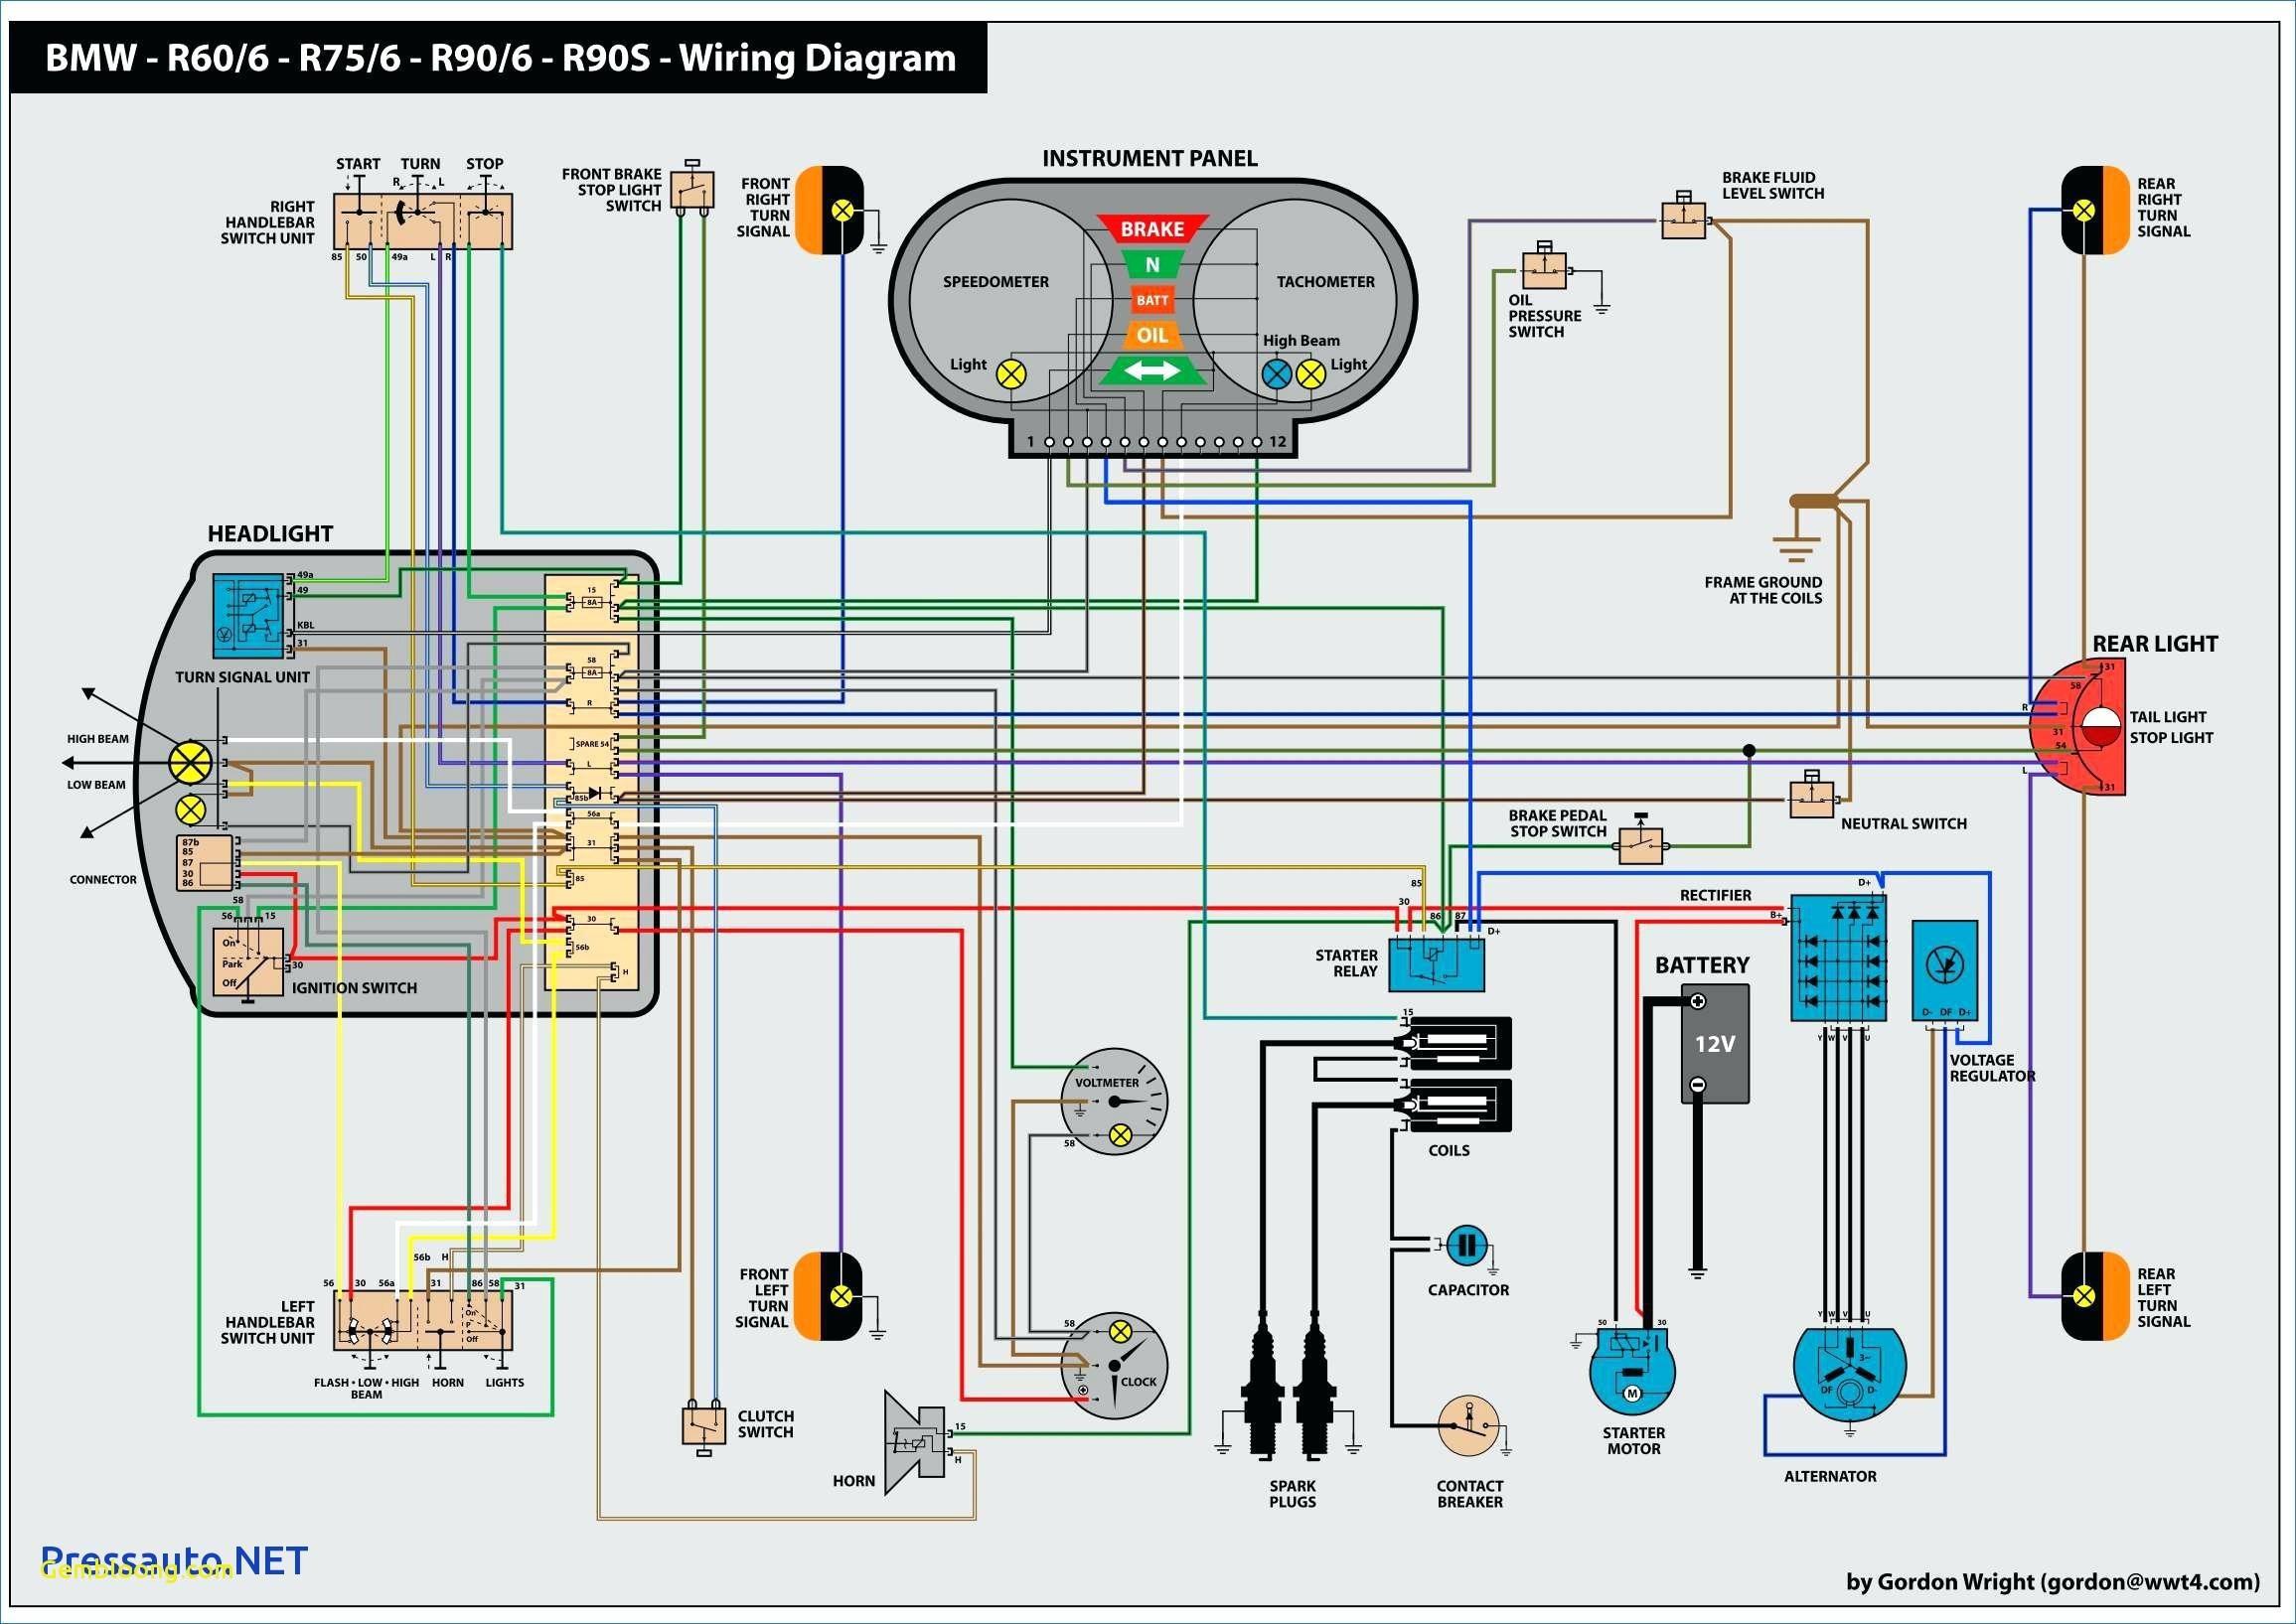 bmw r90 6 wiring diagram schema wiring diagram rh 19 sfhzw raphaela knipp de